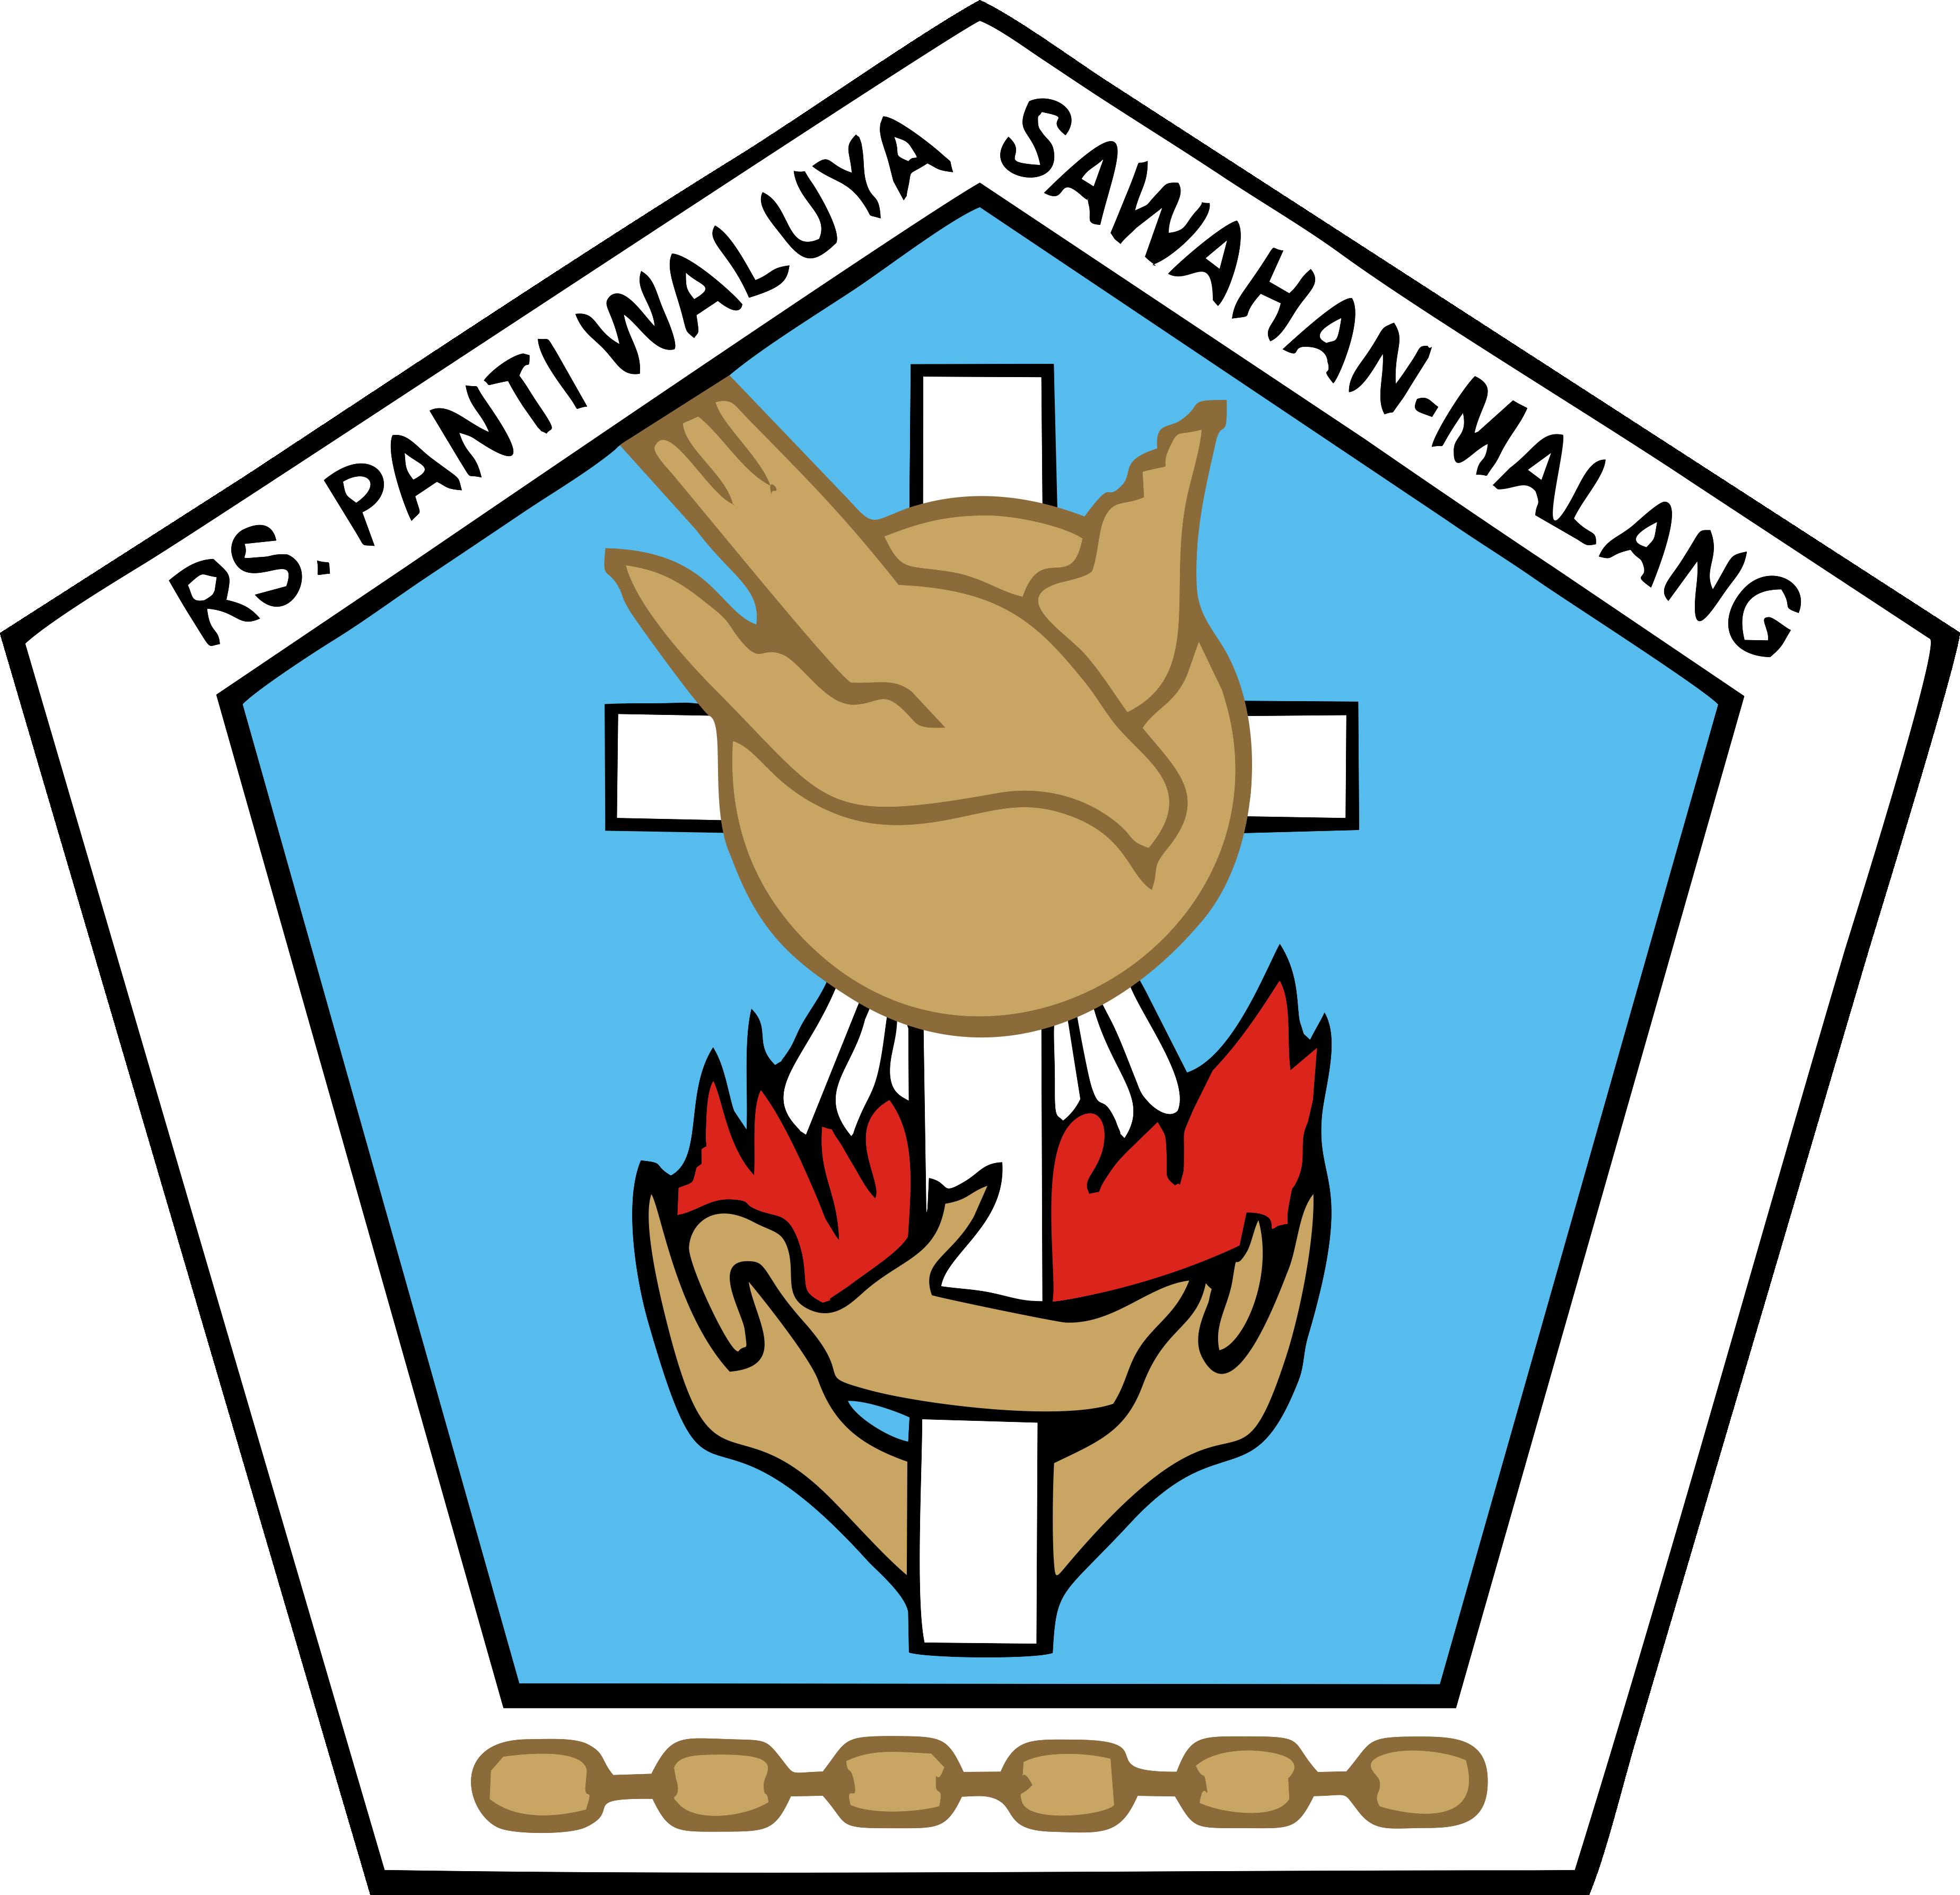 Rumah Sakit Panti Waluya Sawahan